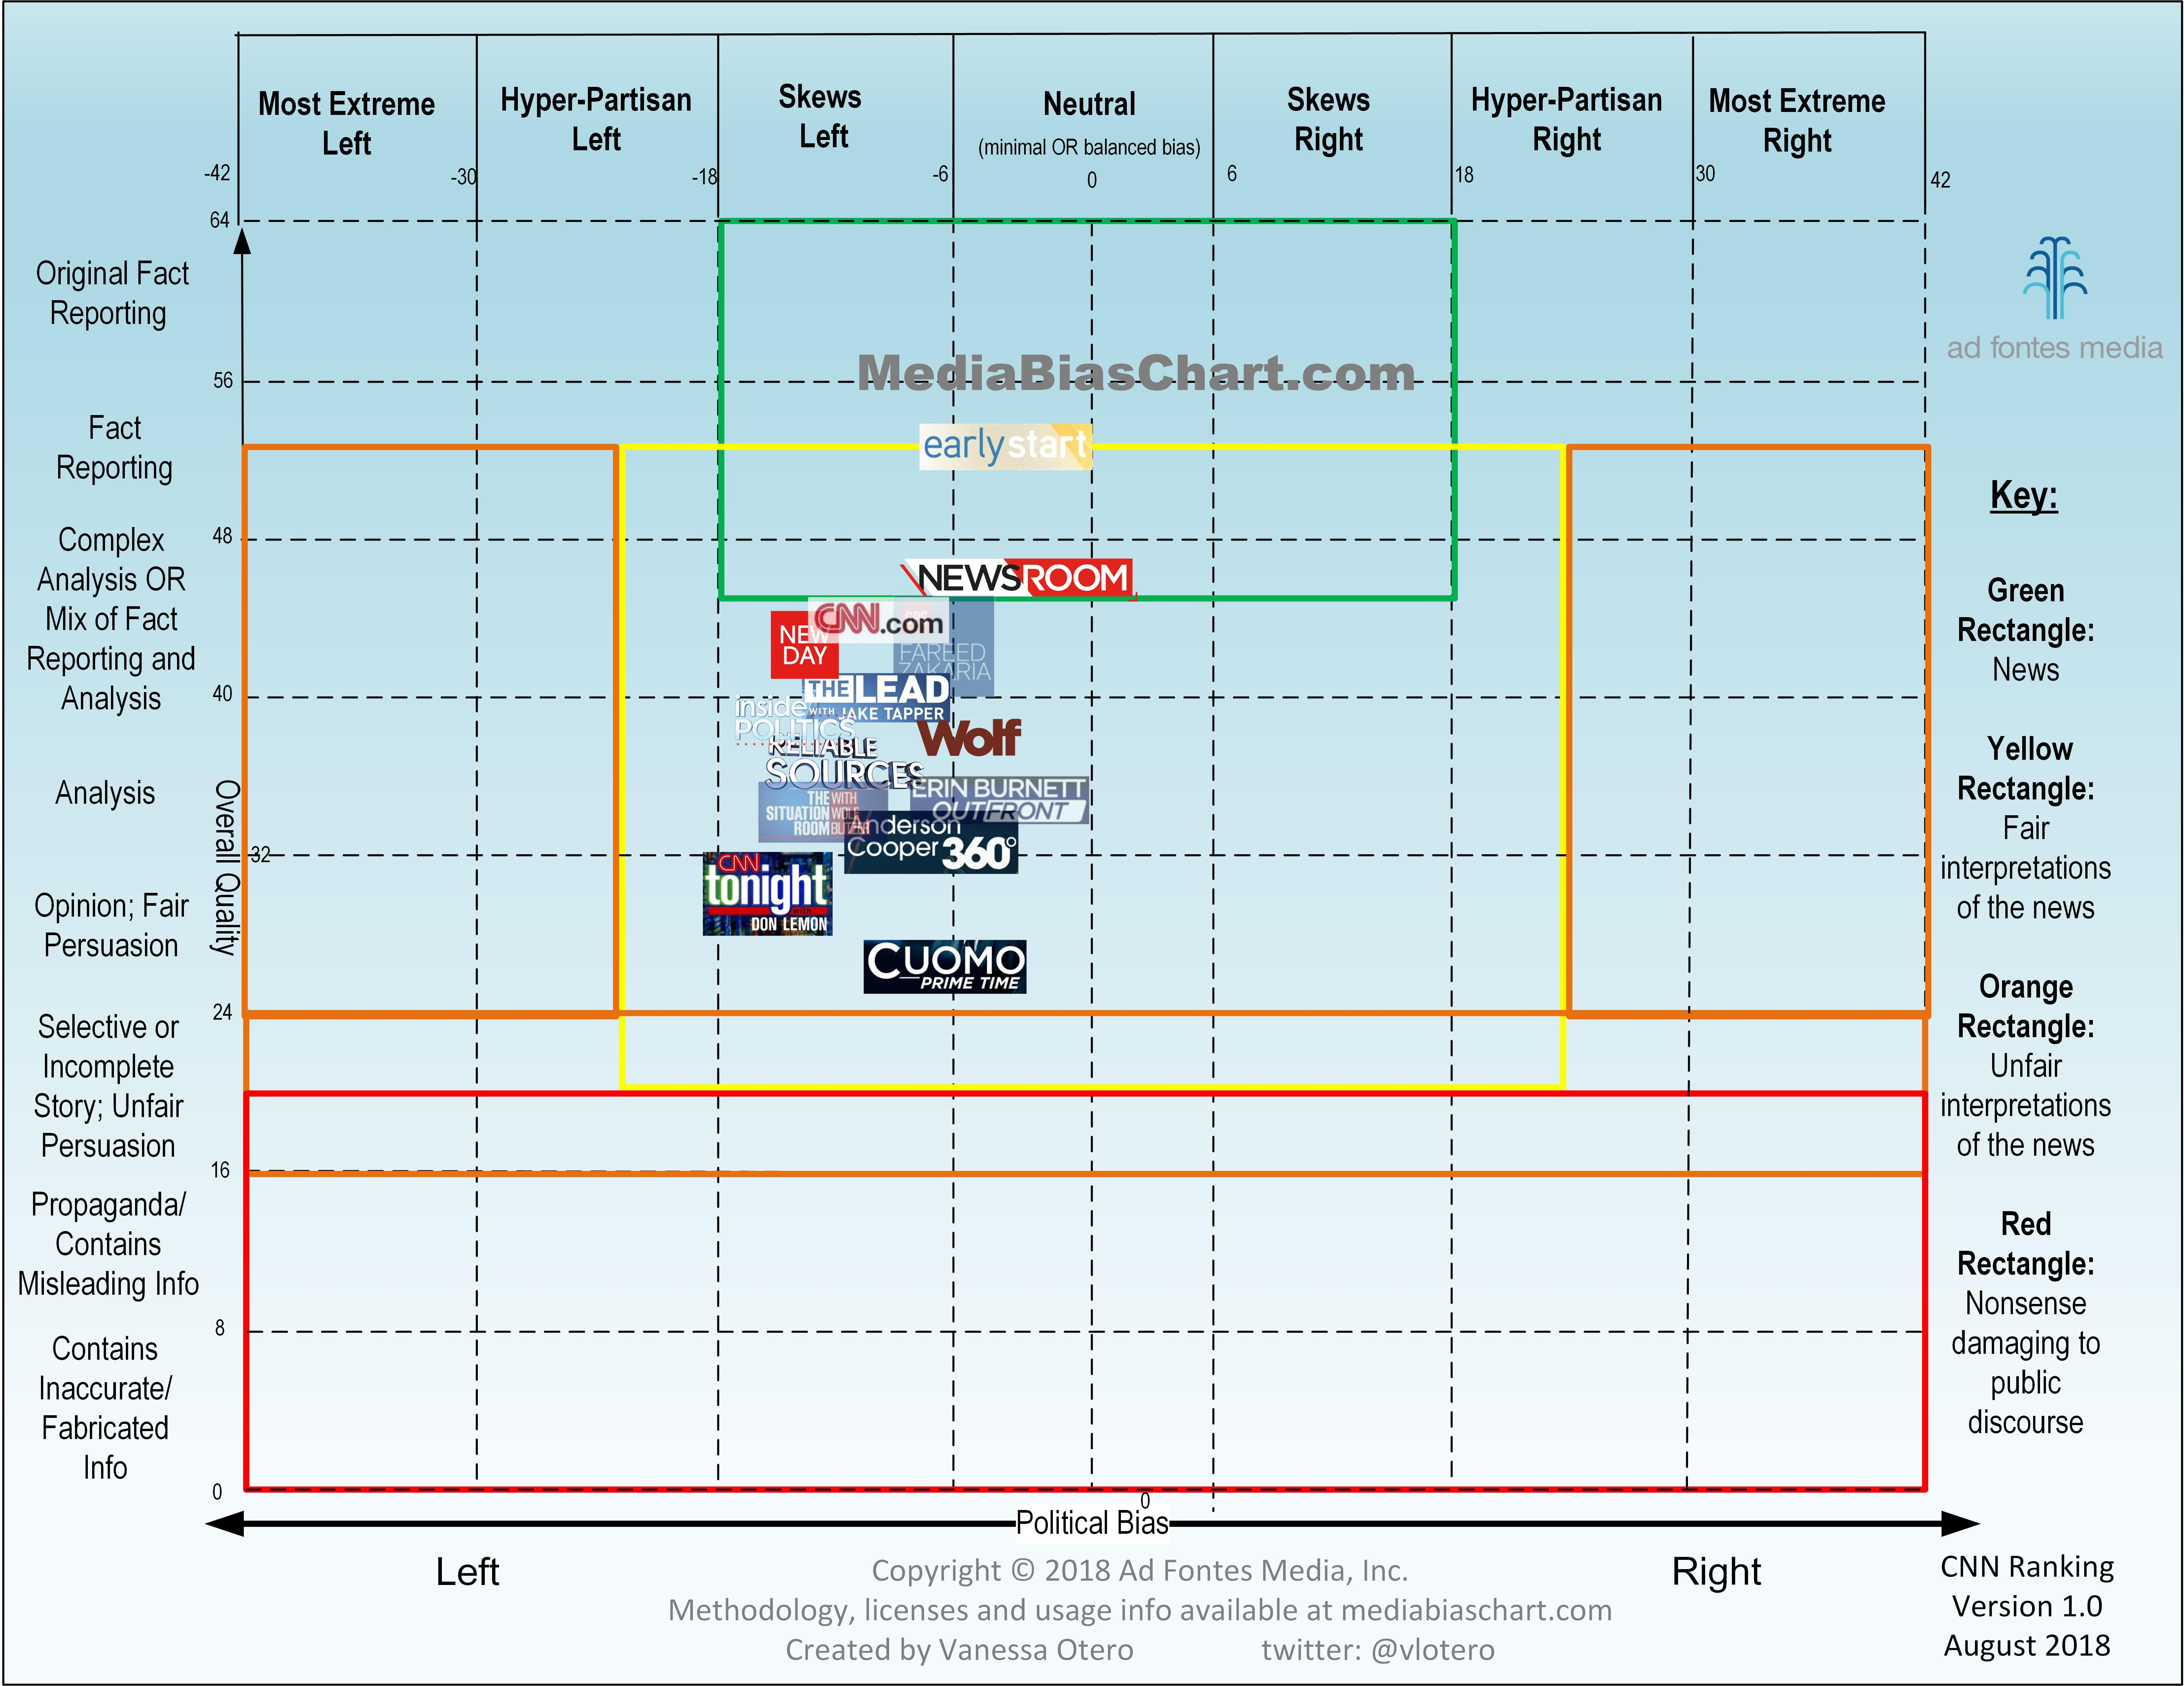 CNN media bias chart